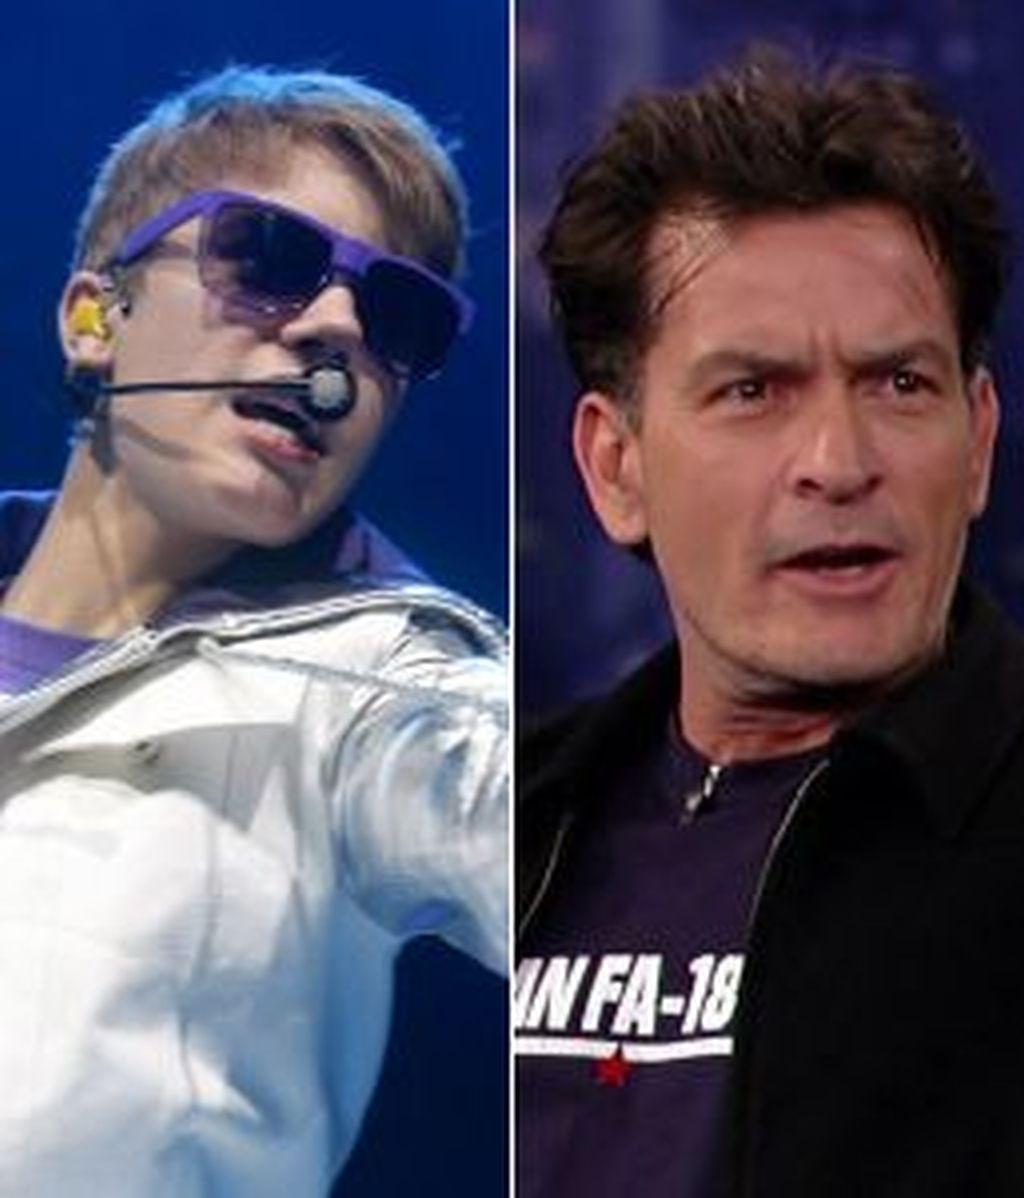 Justin Bieber y Charlie Sheen podrían desaparecer en Internet por una nueva aplicación. Fotos: Gtres.